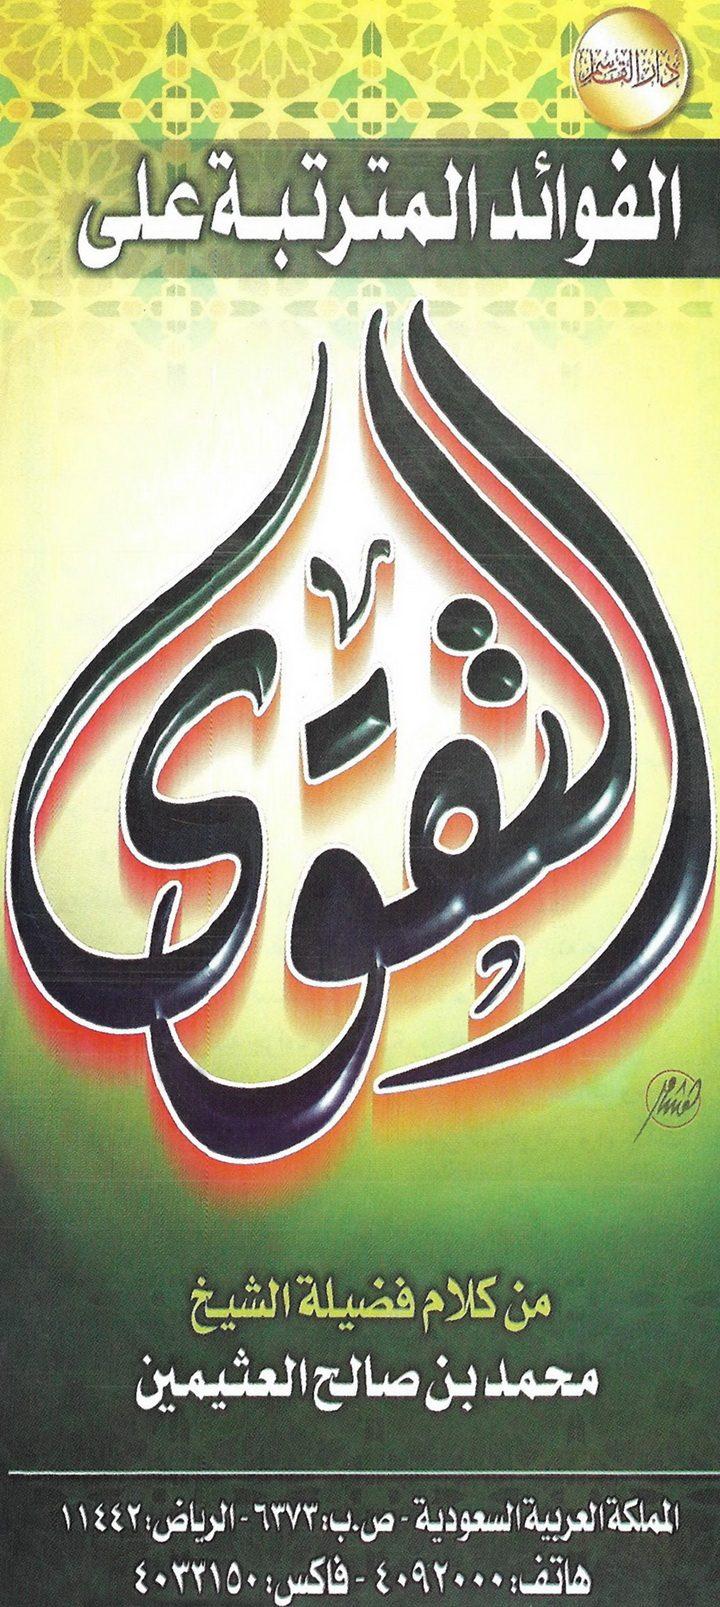 الفوائد المترتبة على التقوى (محمد بن صالح العثيمين – دار القاسم)